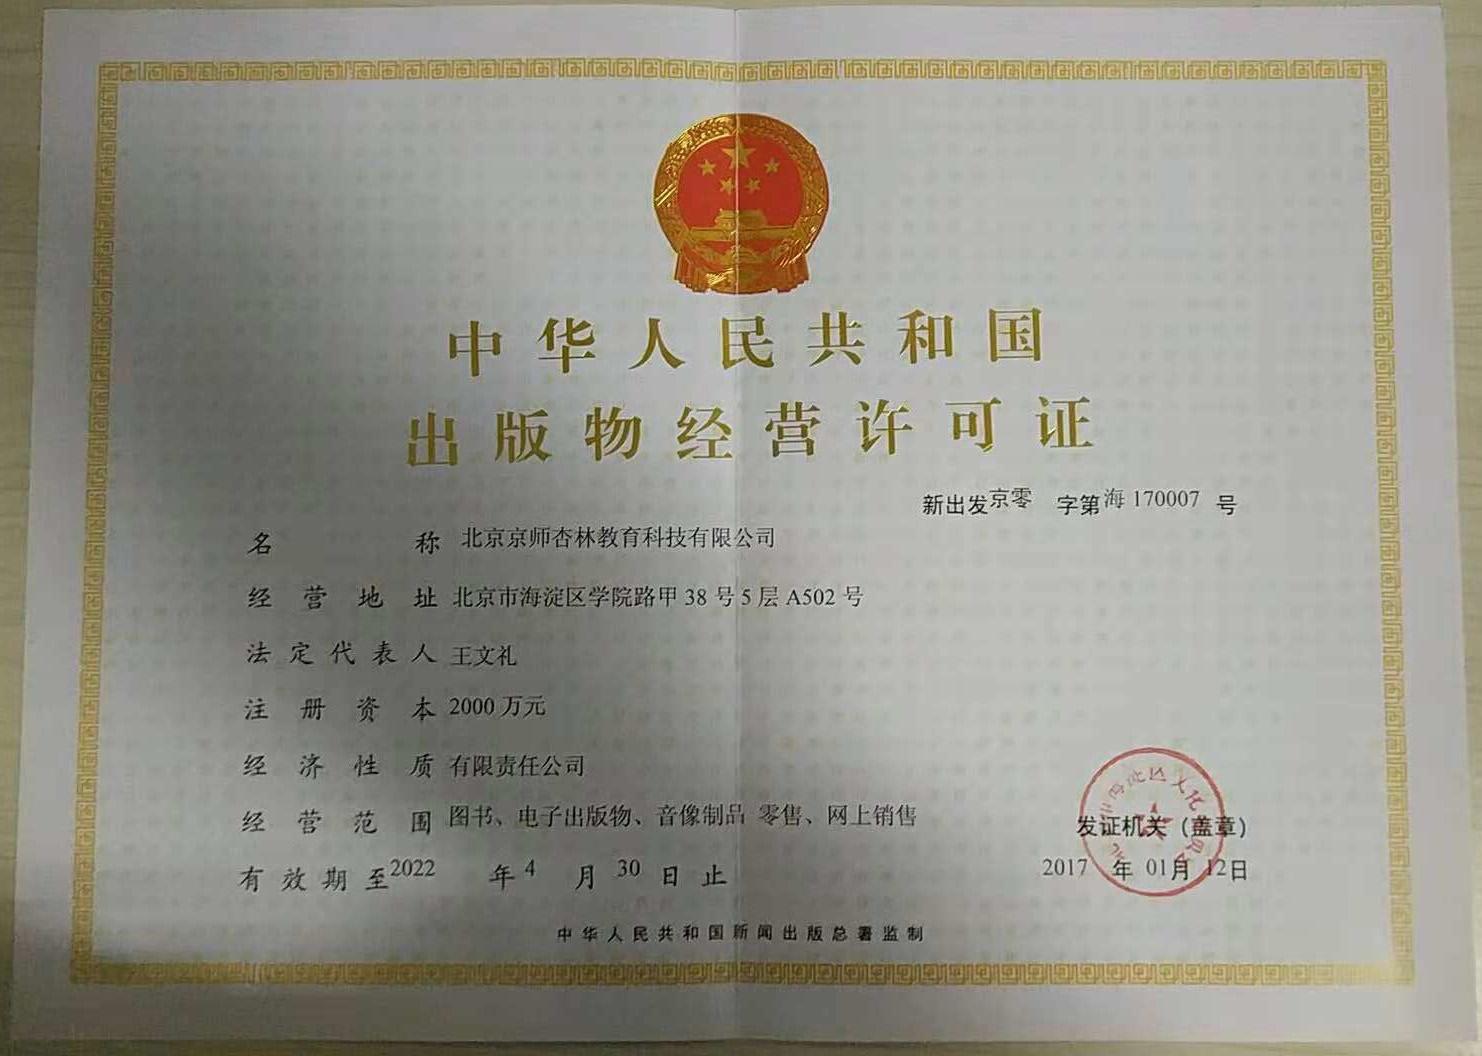 京师杏林出版物经营许可证